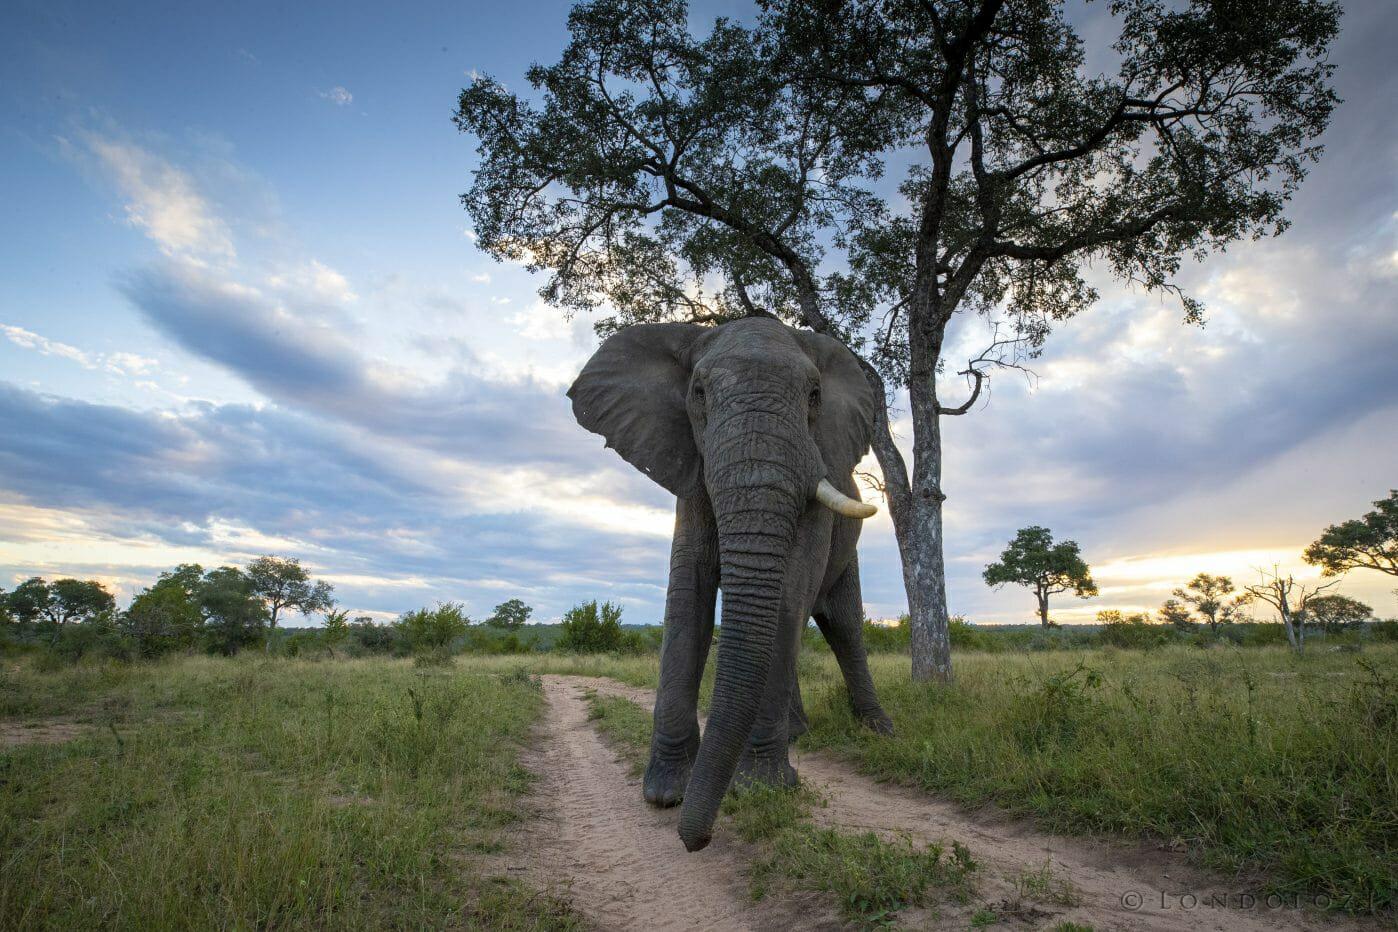 Low Elephant Sunset